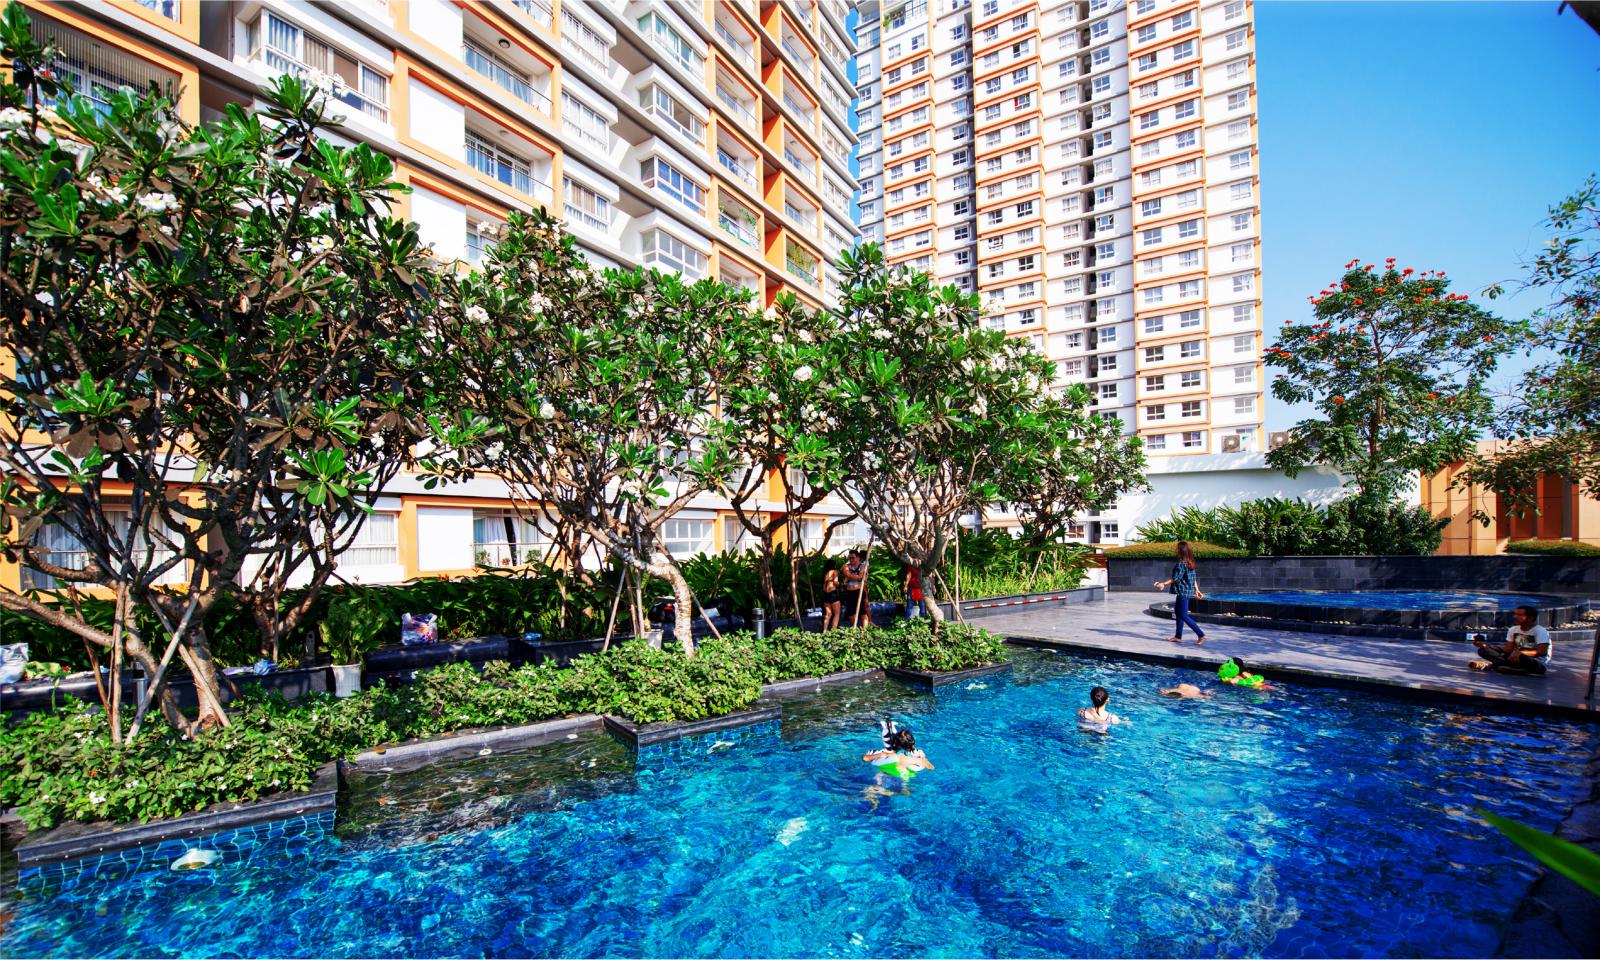 Vibex Từ Liêm sẽ có nhiều hạng mục căn hộ để khách hàng chọn lựa.